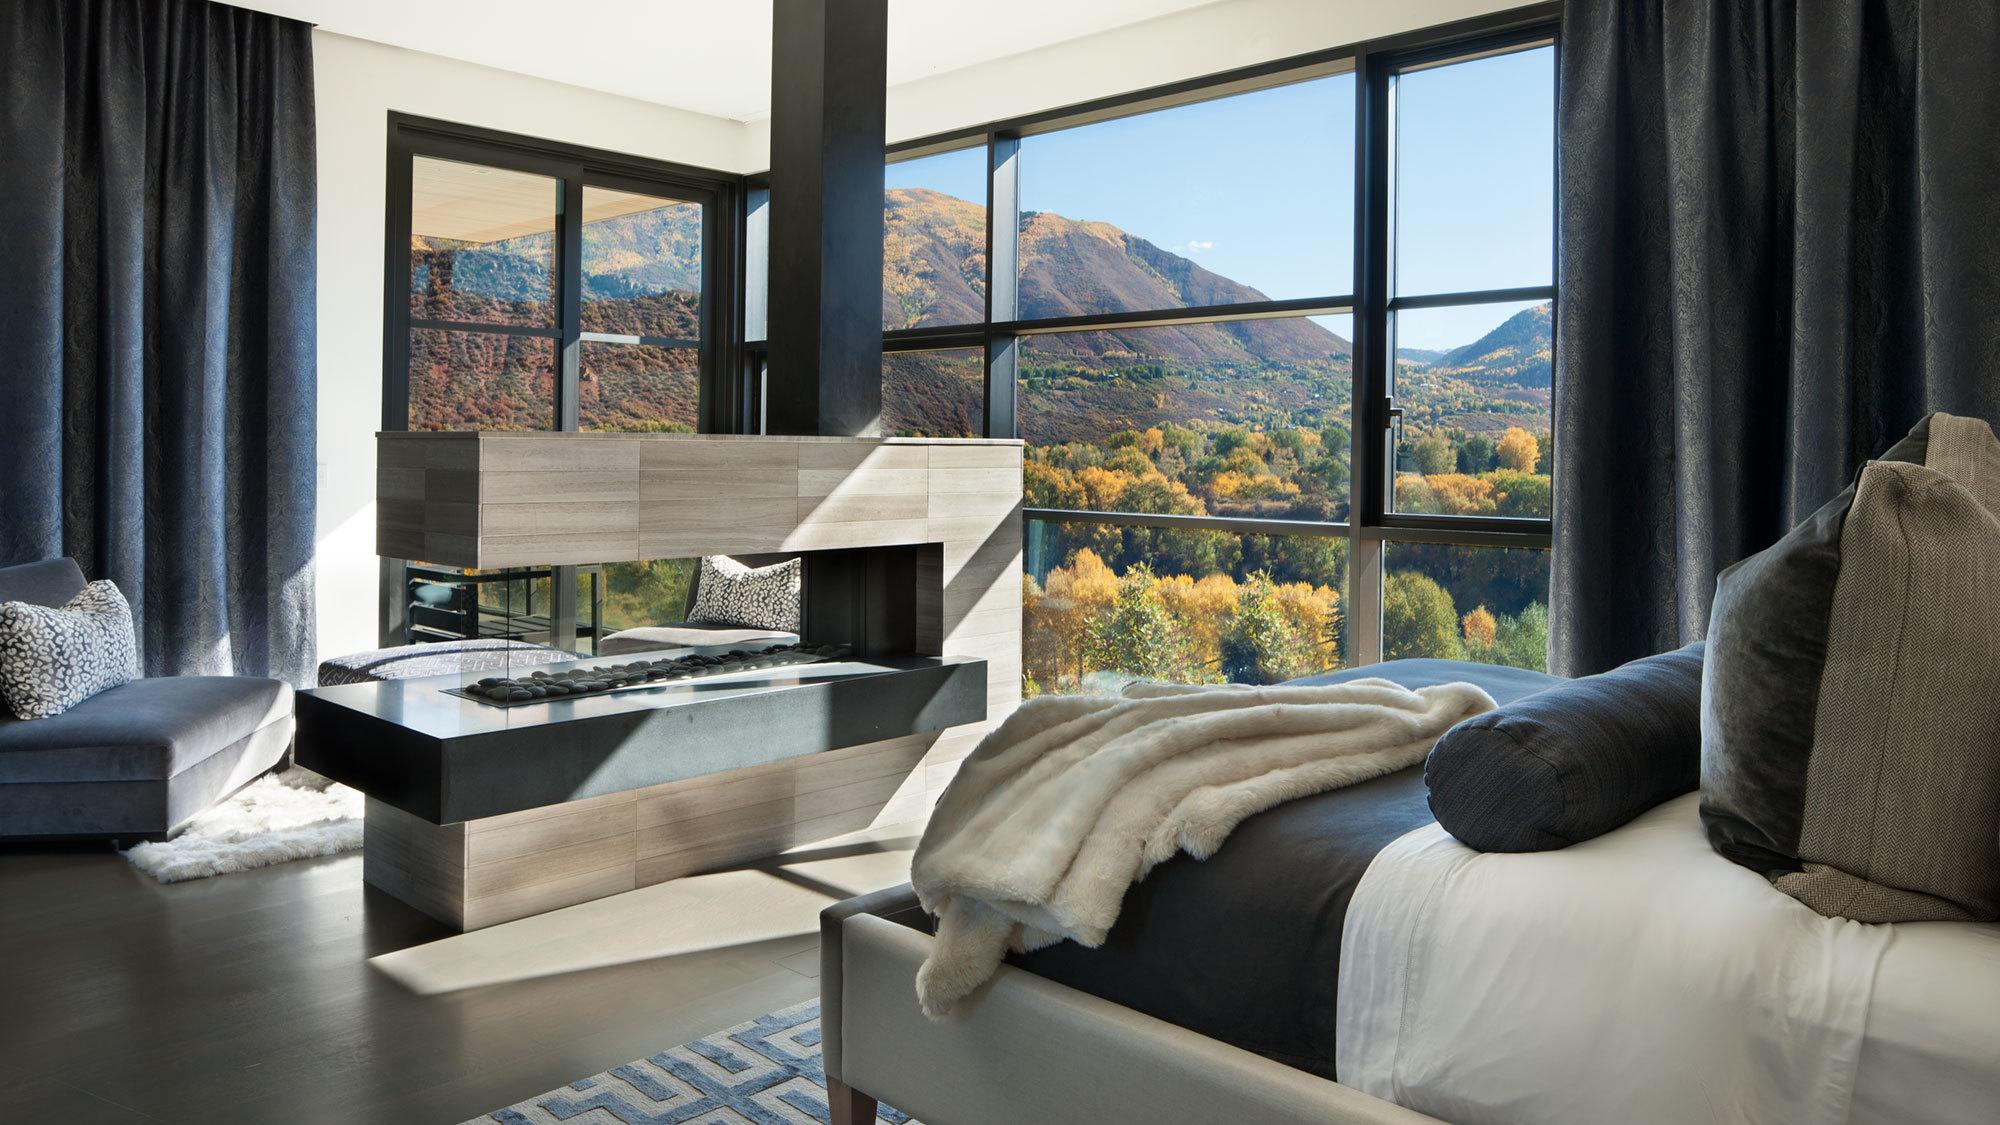 Maroon Creek Overlook Aspen Bedroom